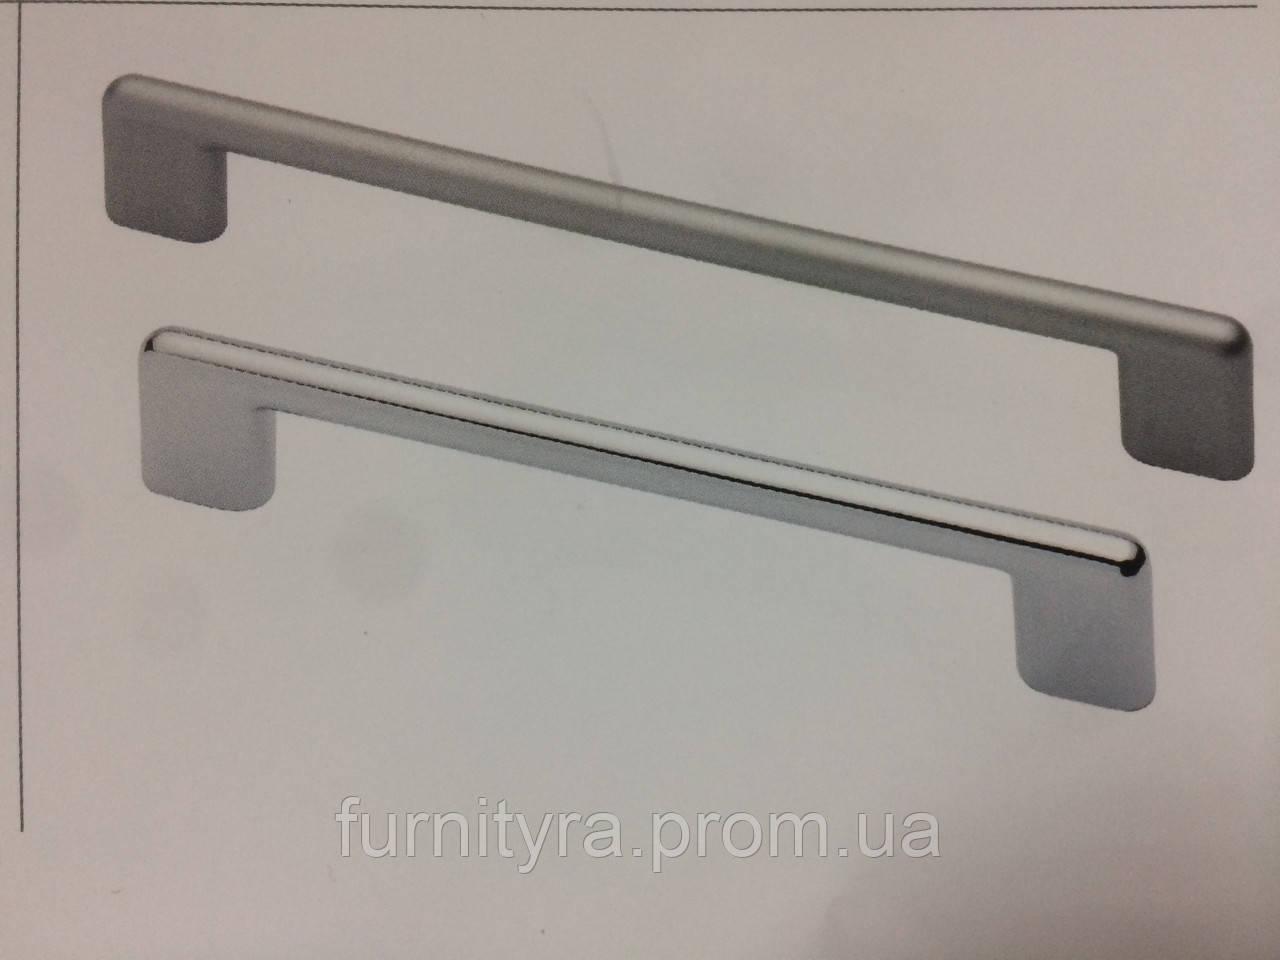 Ручка 224mm LUNA Хром